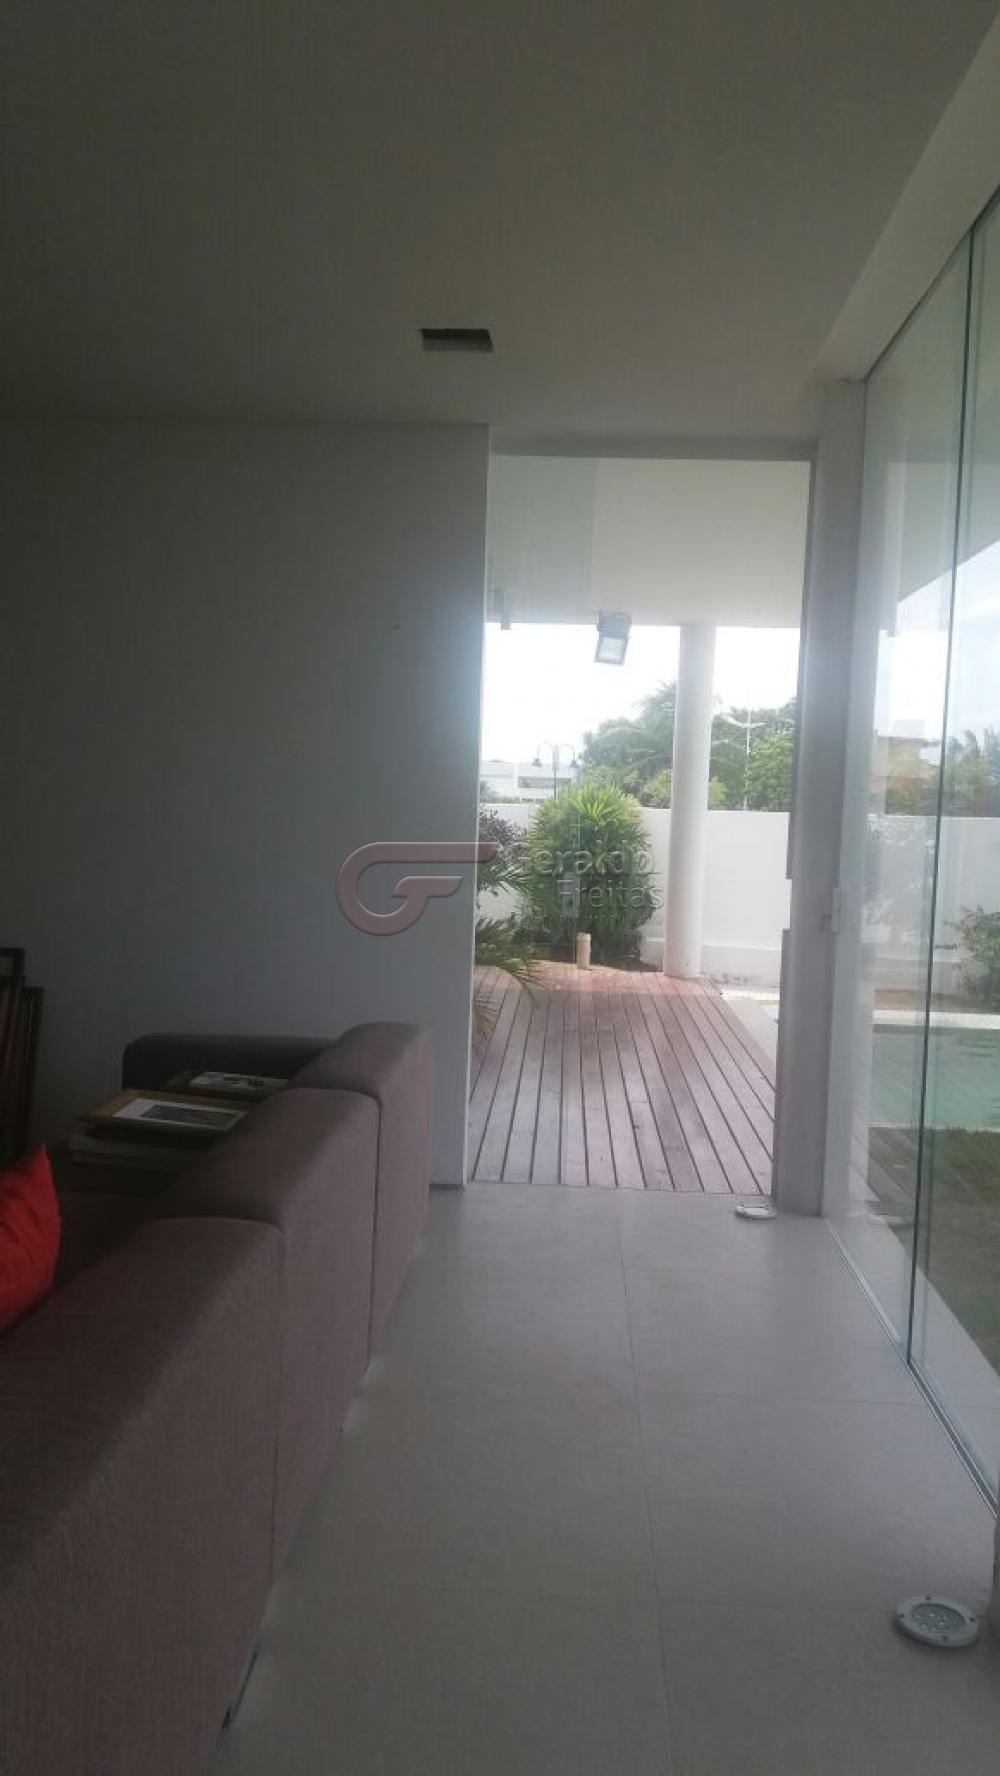 Comprar Casas / Condominio em Marechal Deodoro apenas R$ 2.700.000,00 - Foto 60